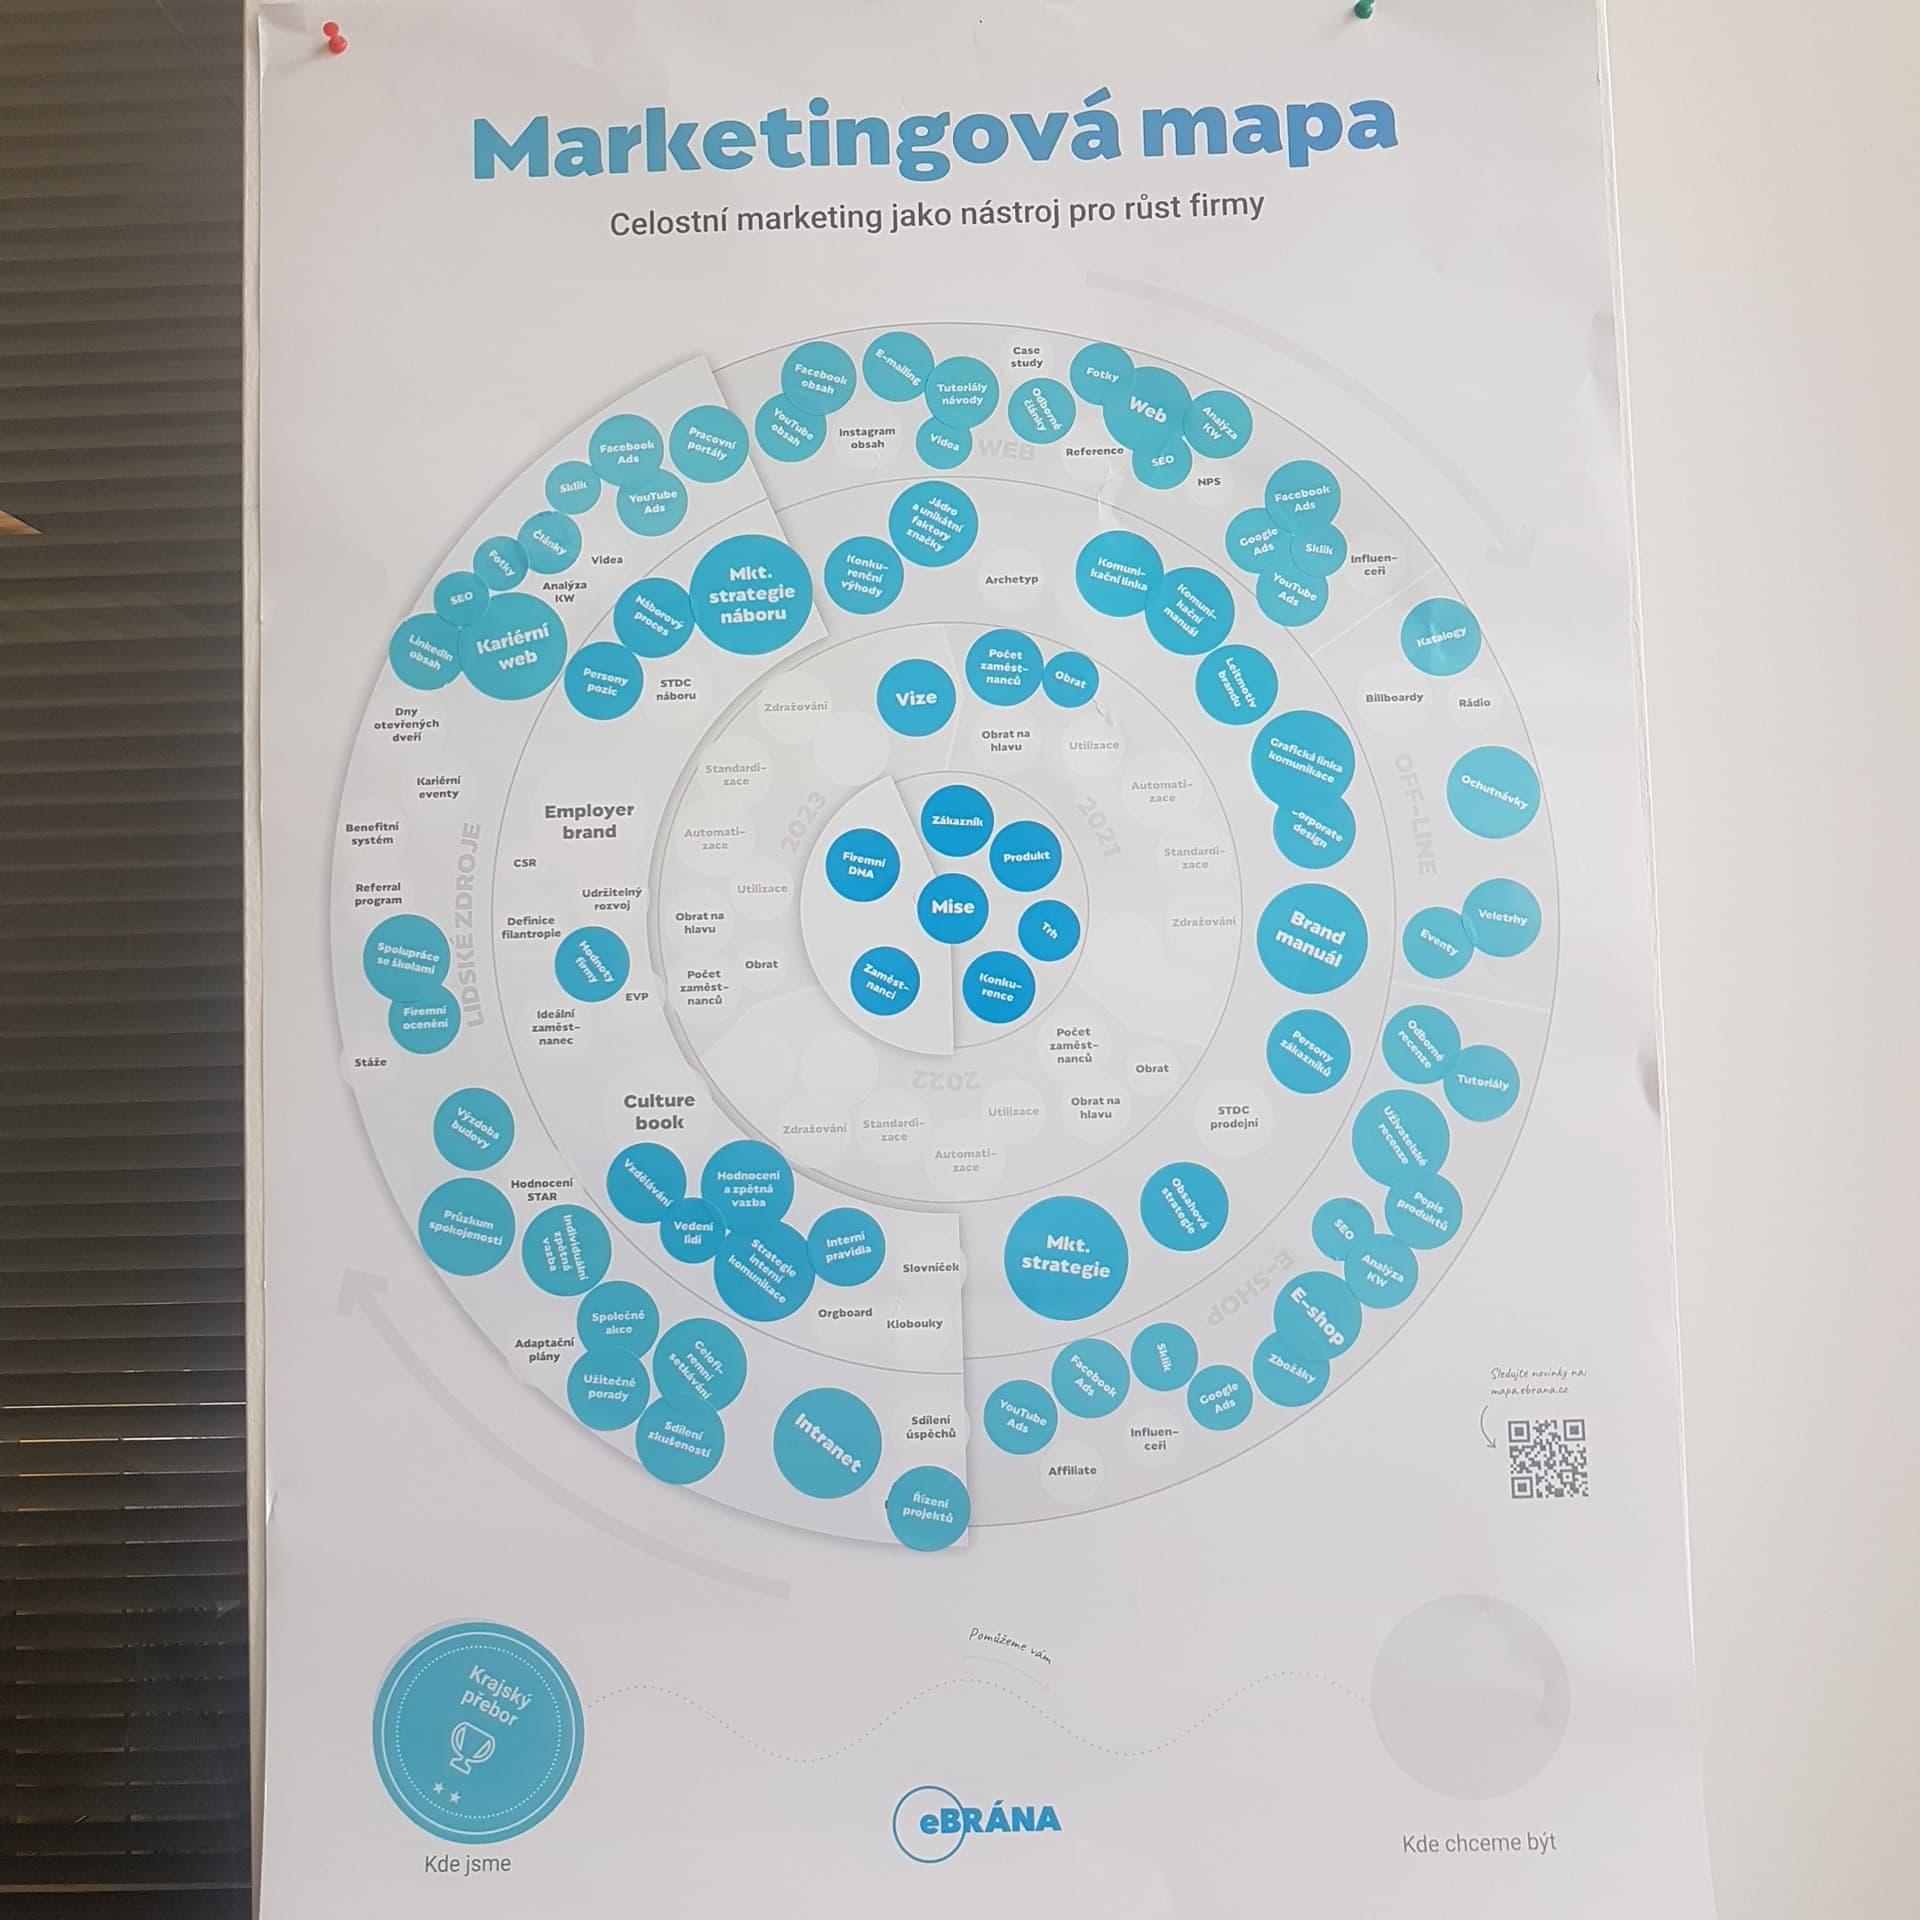 Grafické znázornění marketingu - Ebrana